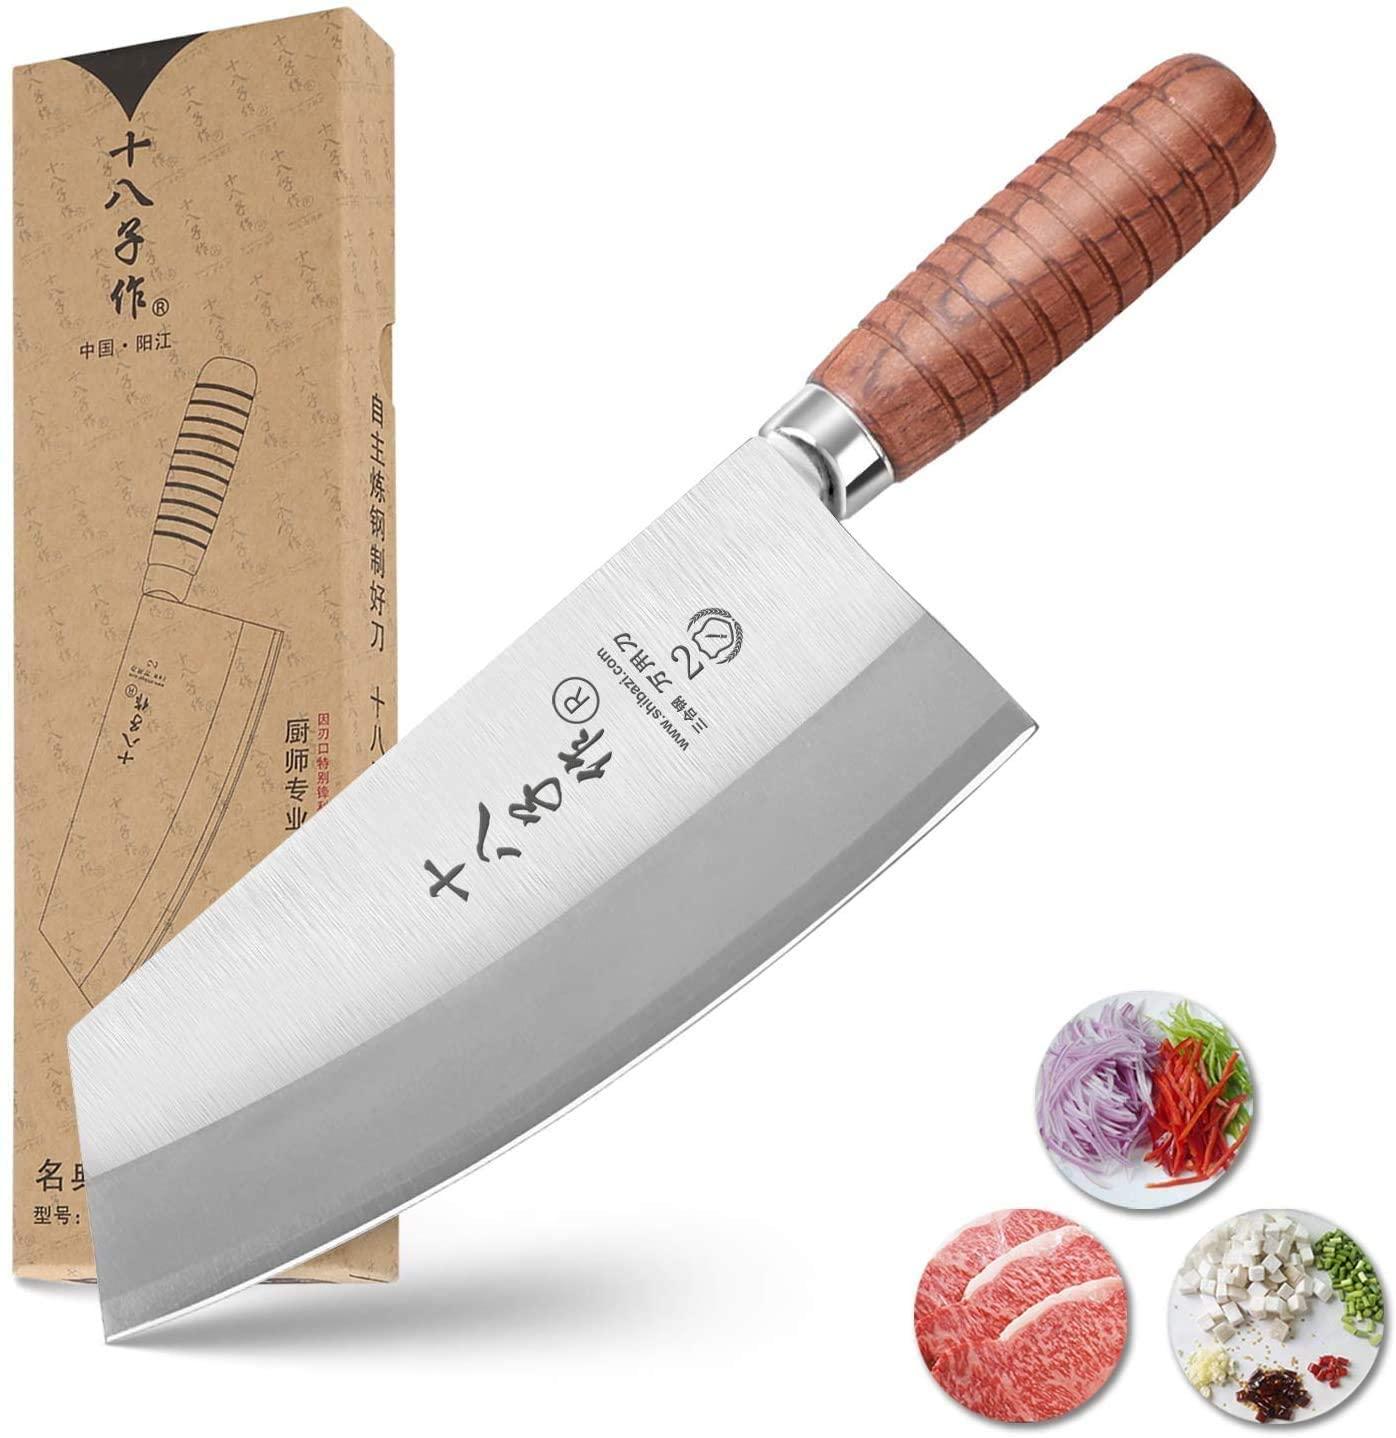 SHI BA ZI ZUO Chinese Chef's Knife